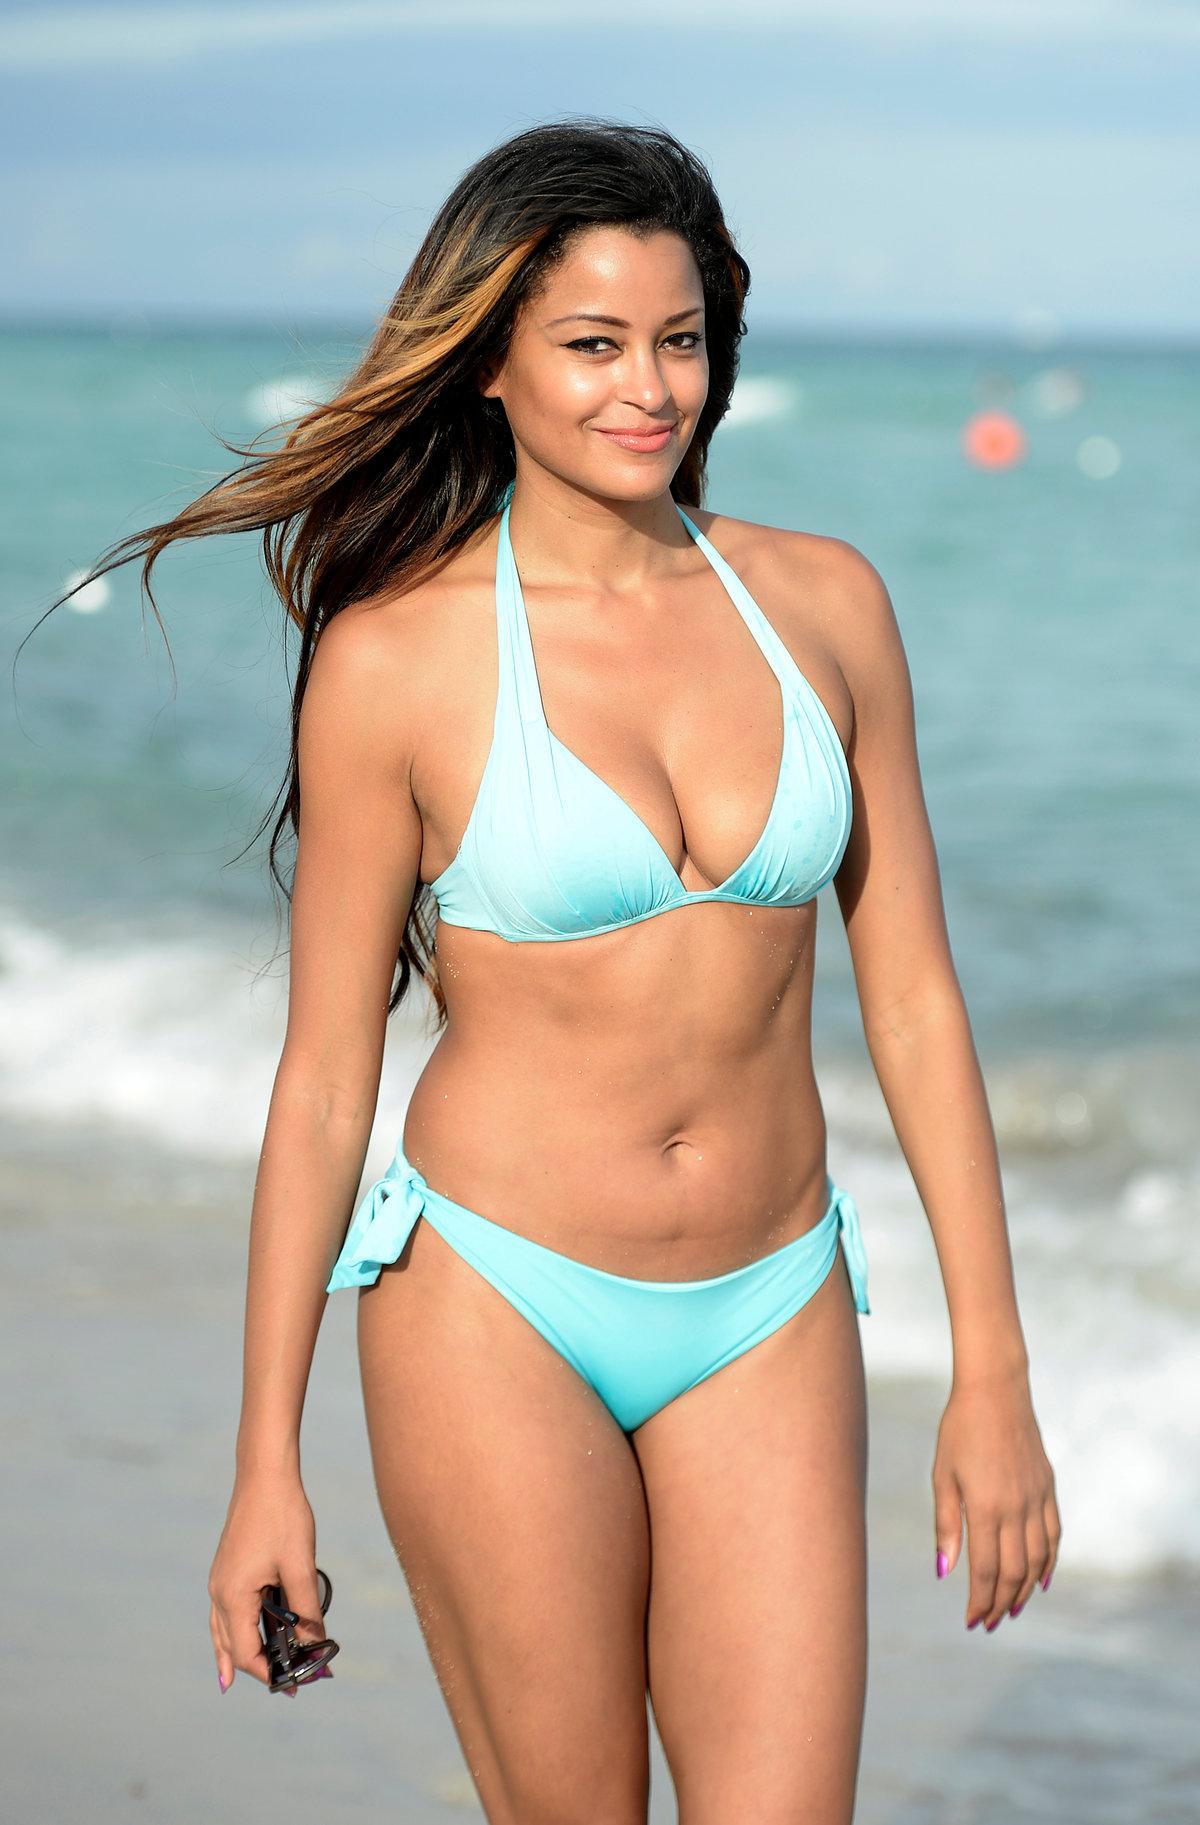 Javine in bikini, very beautiful asian girl nude